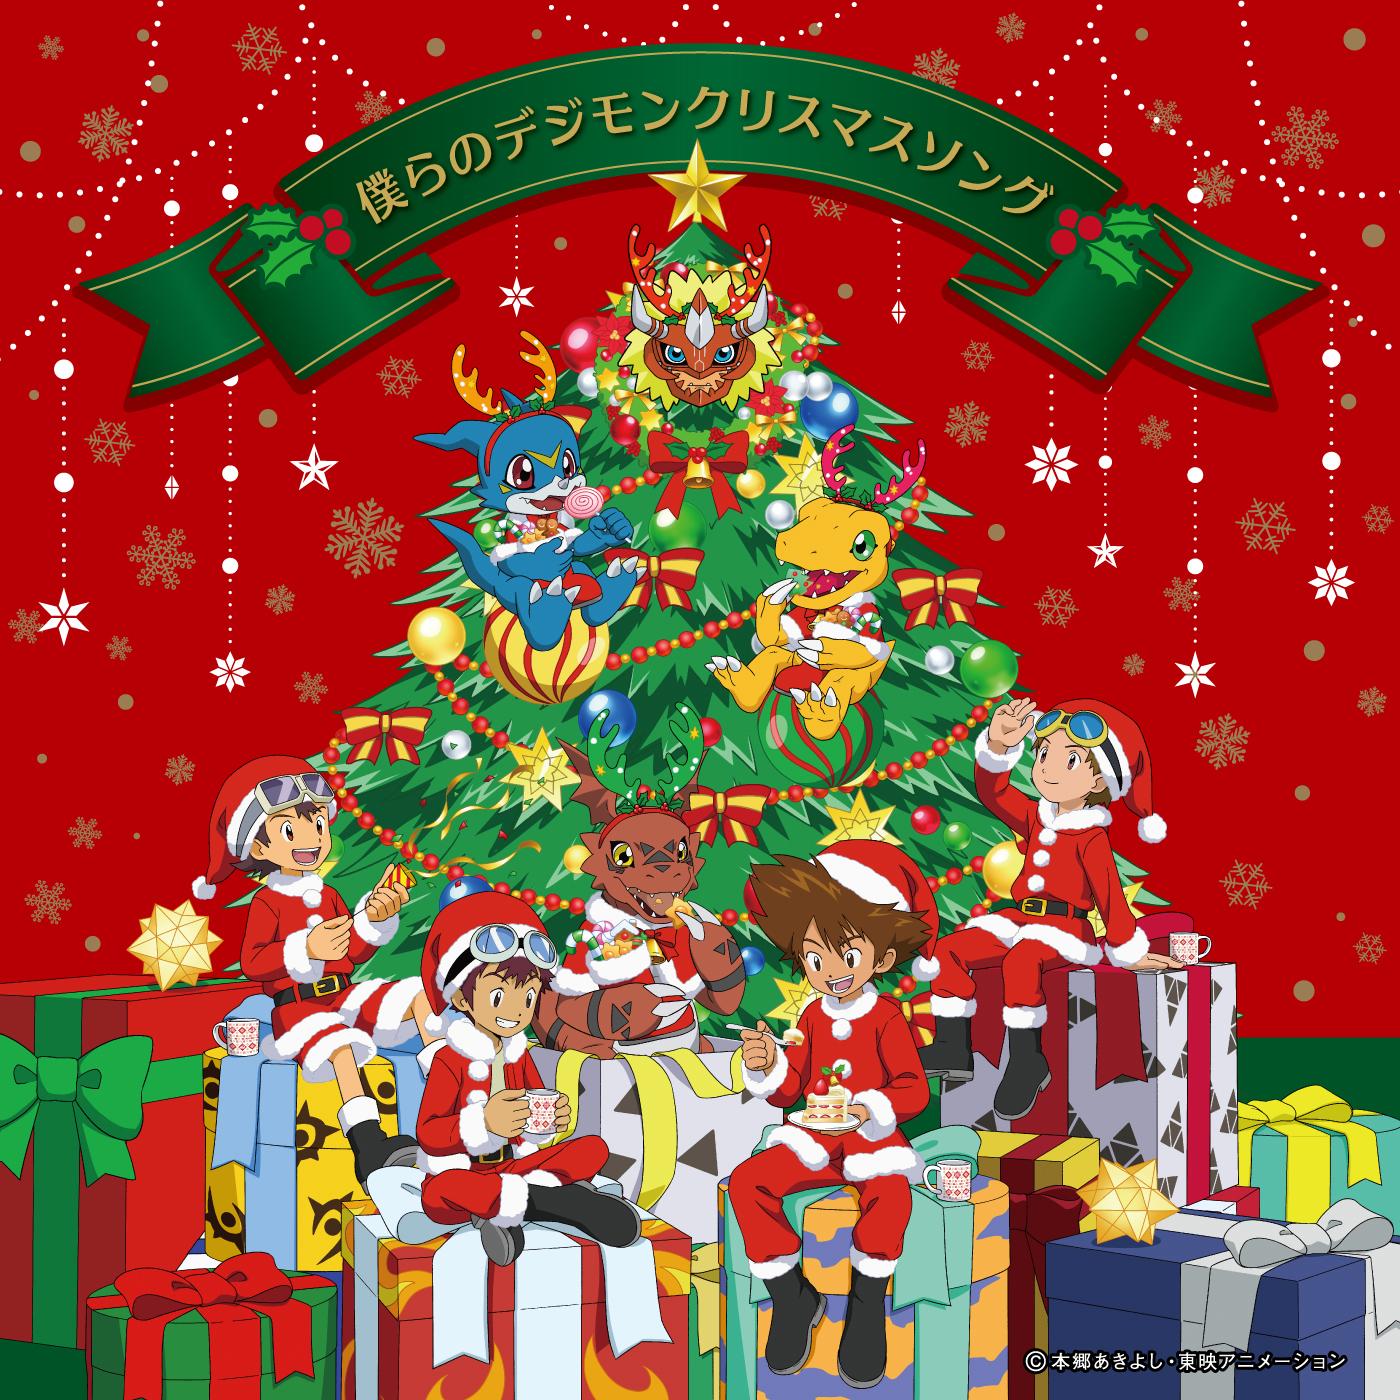 2020 Christmas Album Announced Our Digimon Christmas Carol Digital Album Announced for November